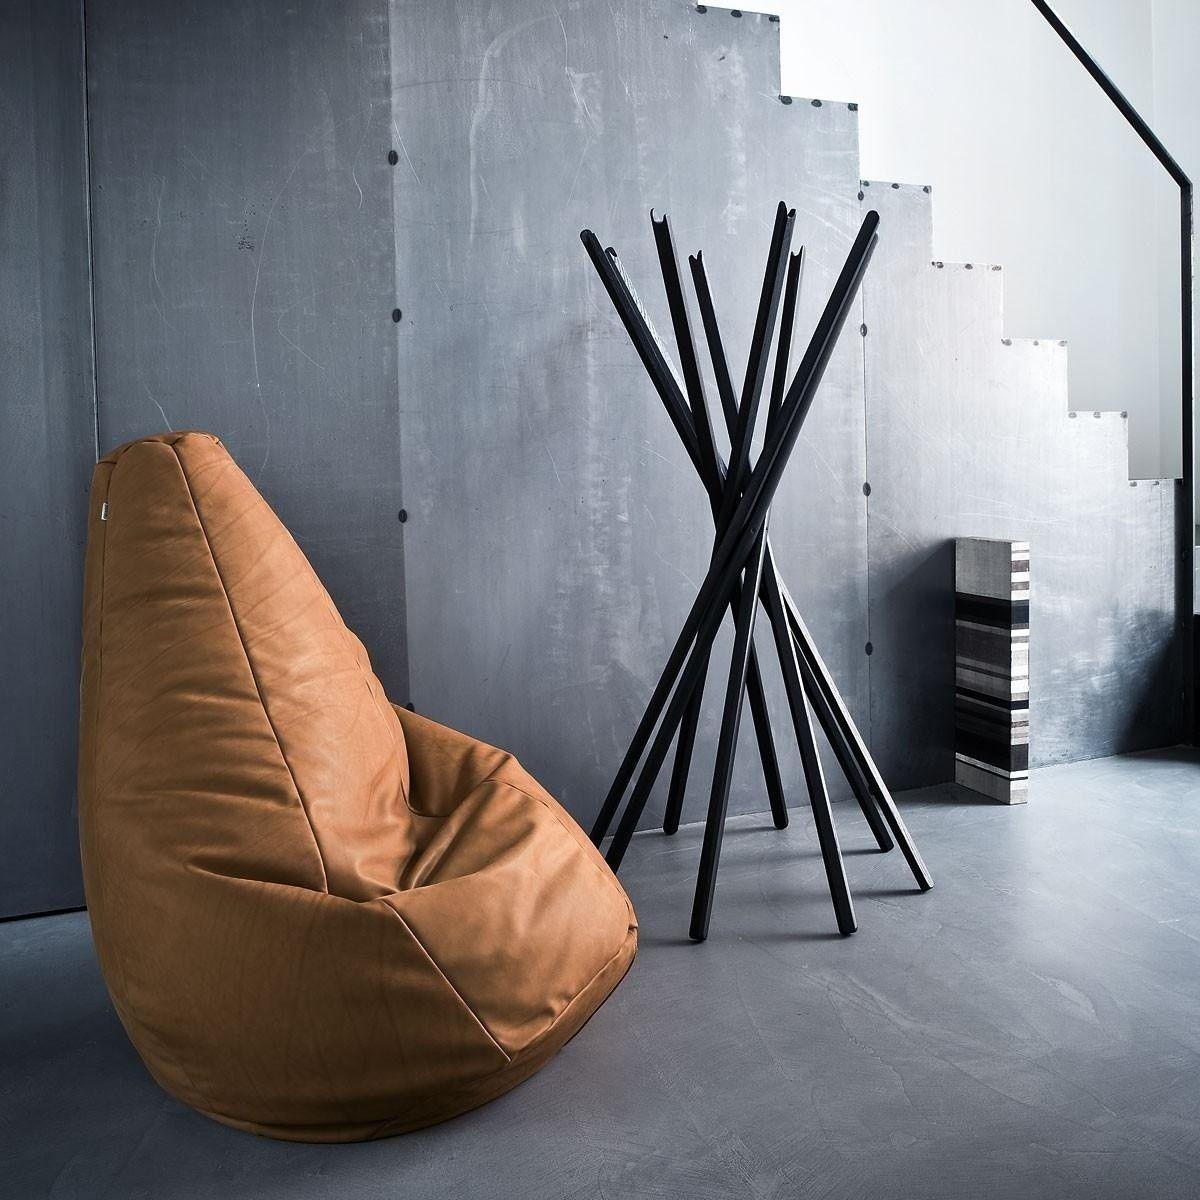 zanotta sacco sitzsack leder sabag chemineelounge. Black Bedroom Furniture Sets. Home Design Ideas